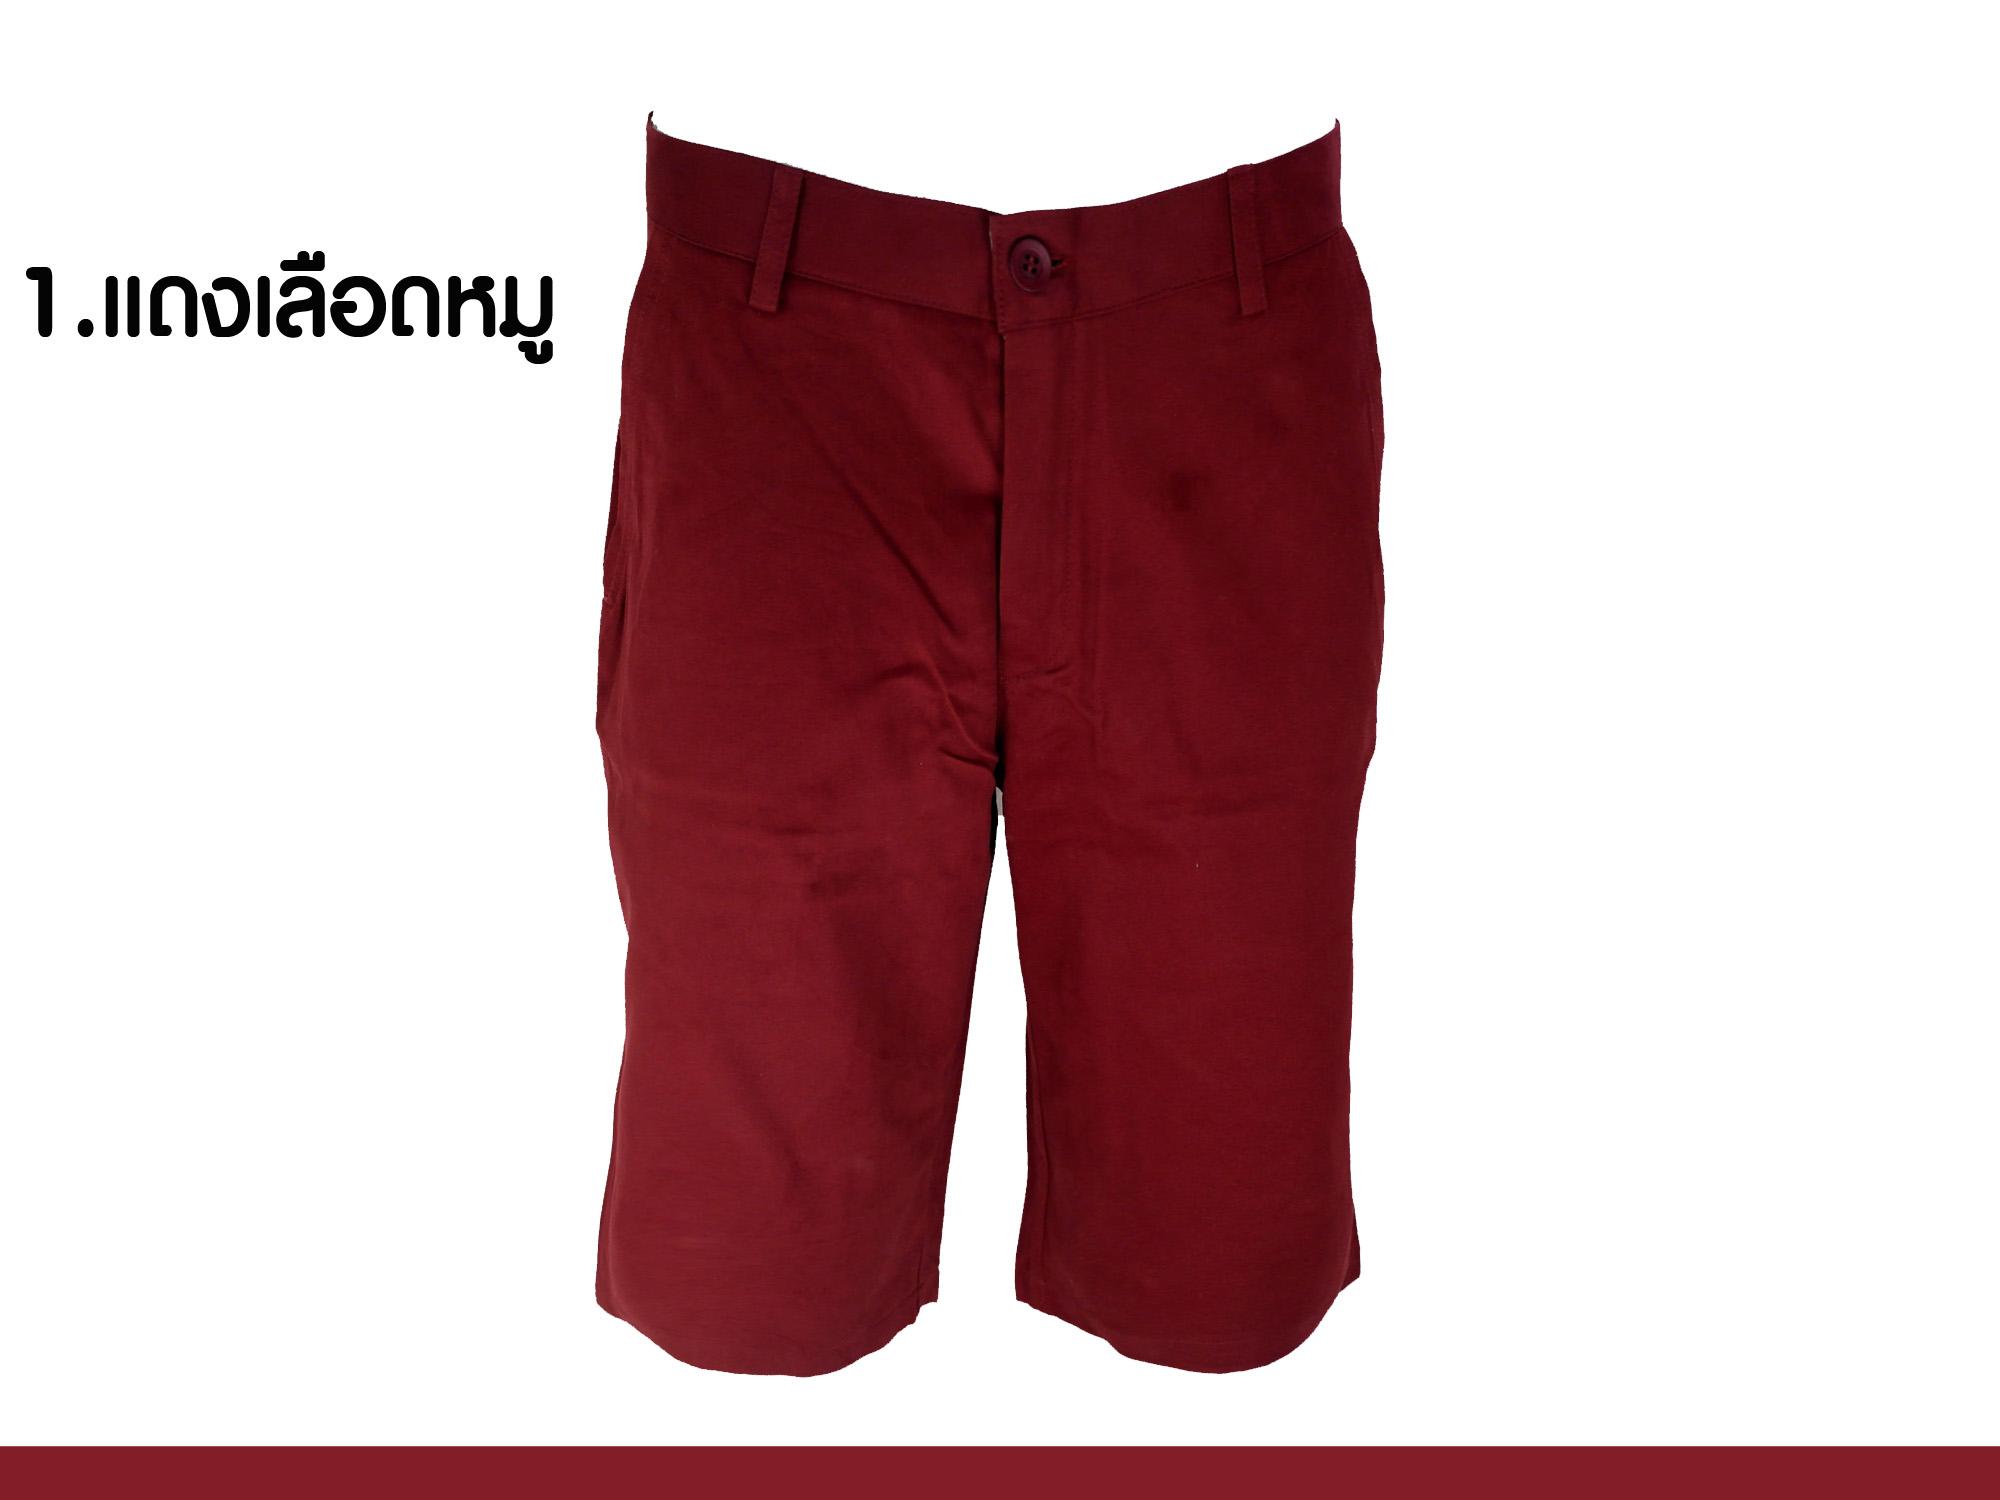 กางเกงสามส่วน รุ่น301 (สีแดงเลือดหมู)